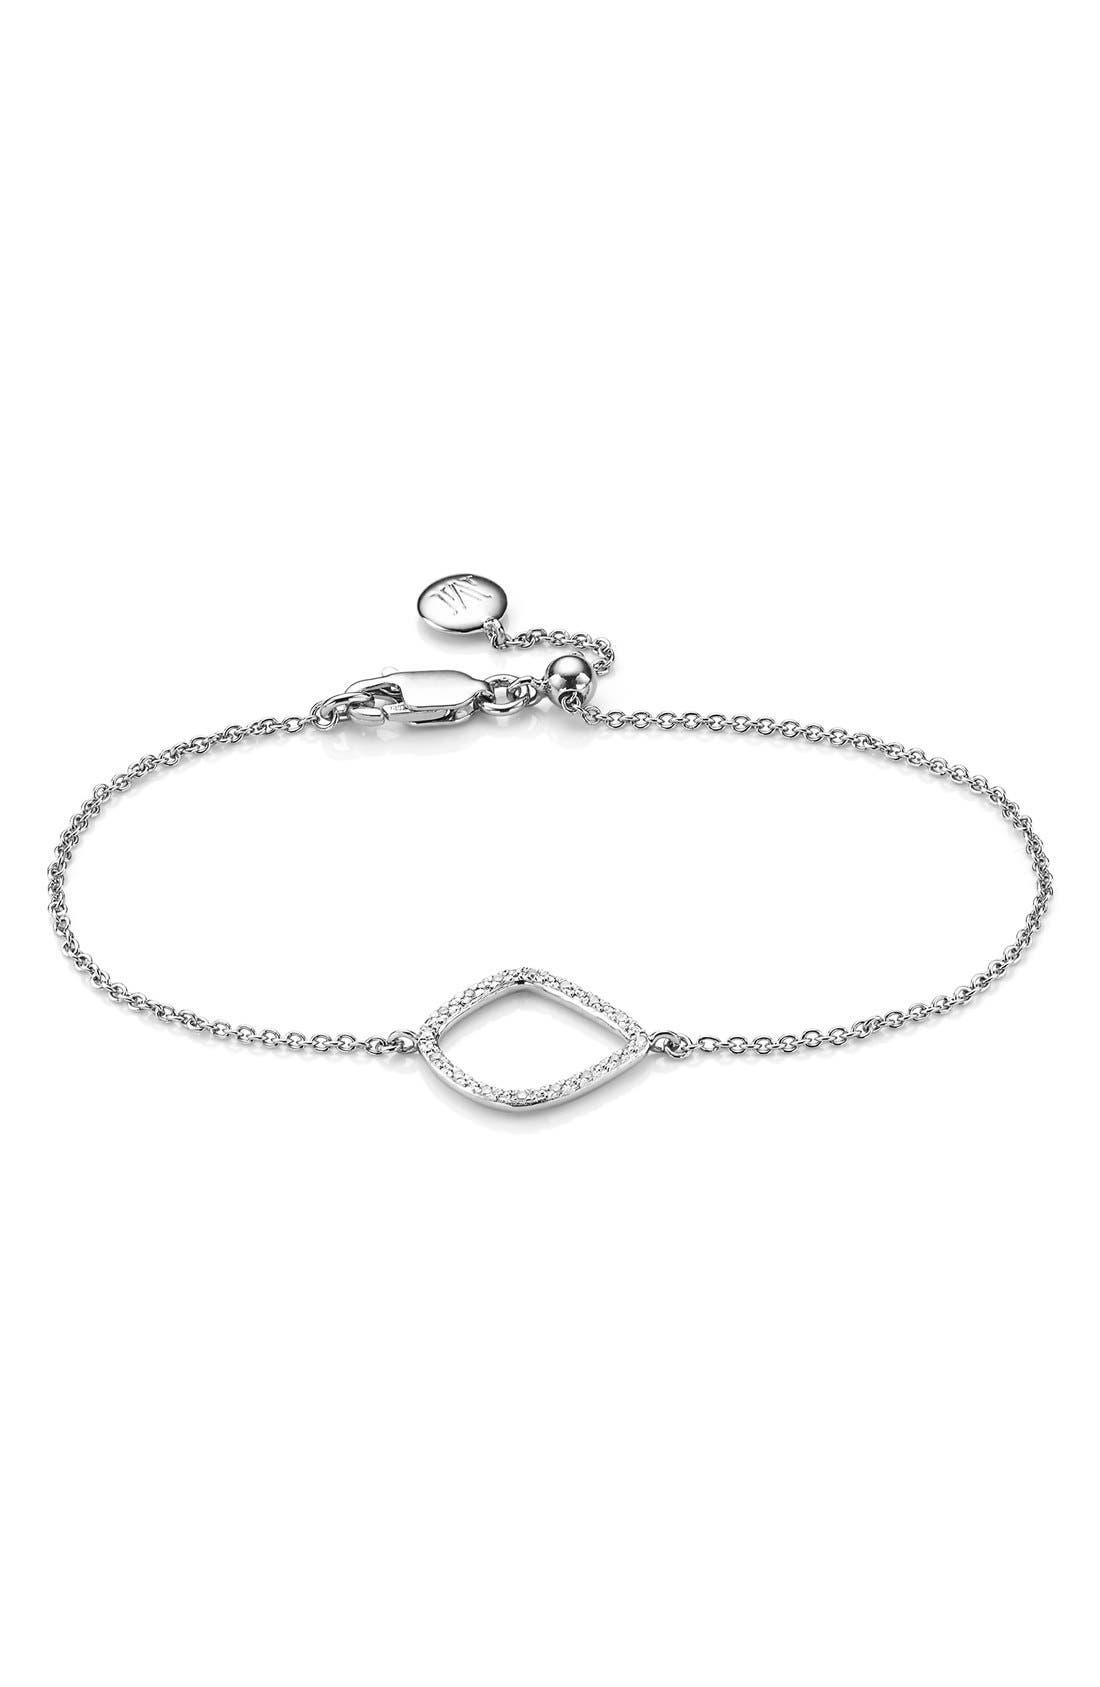 Riva Kite Adjustable Diamond Bracelet,                             Main thumbnail 1, color,                             SILVER